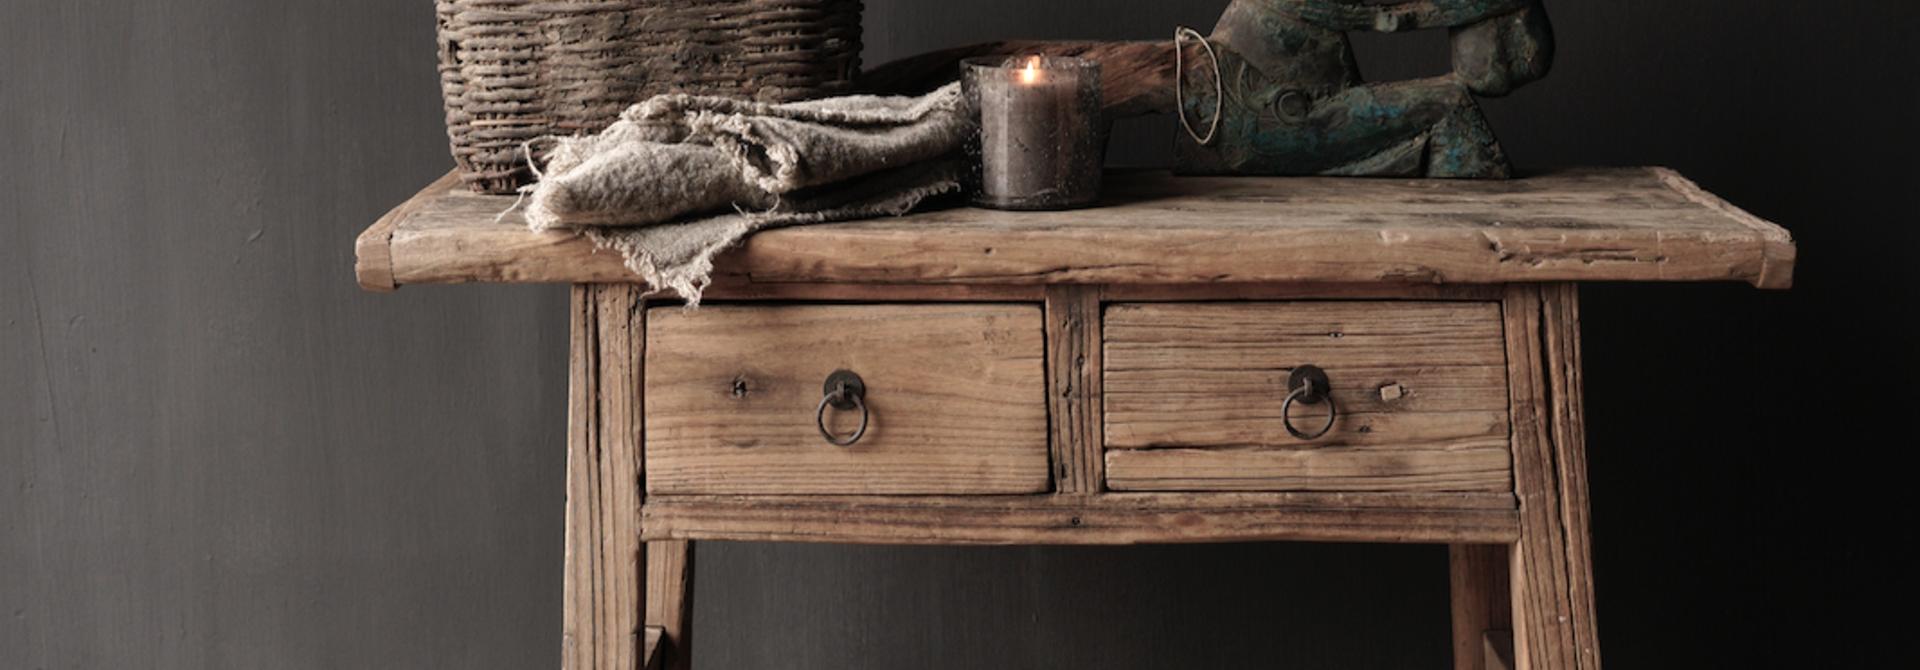 Authentischer einzigartiger alter schmaler Beistelltisch / Wandtisch